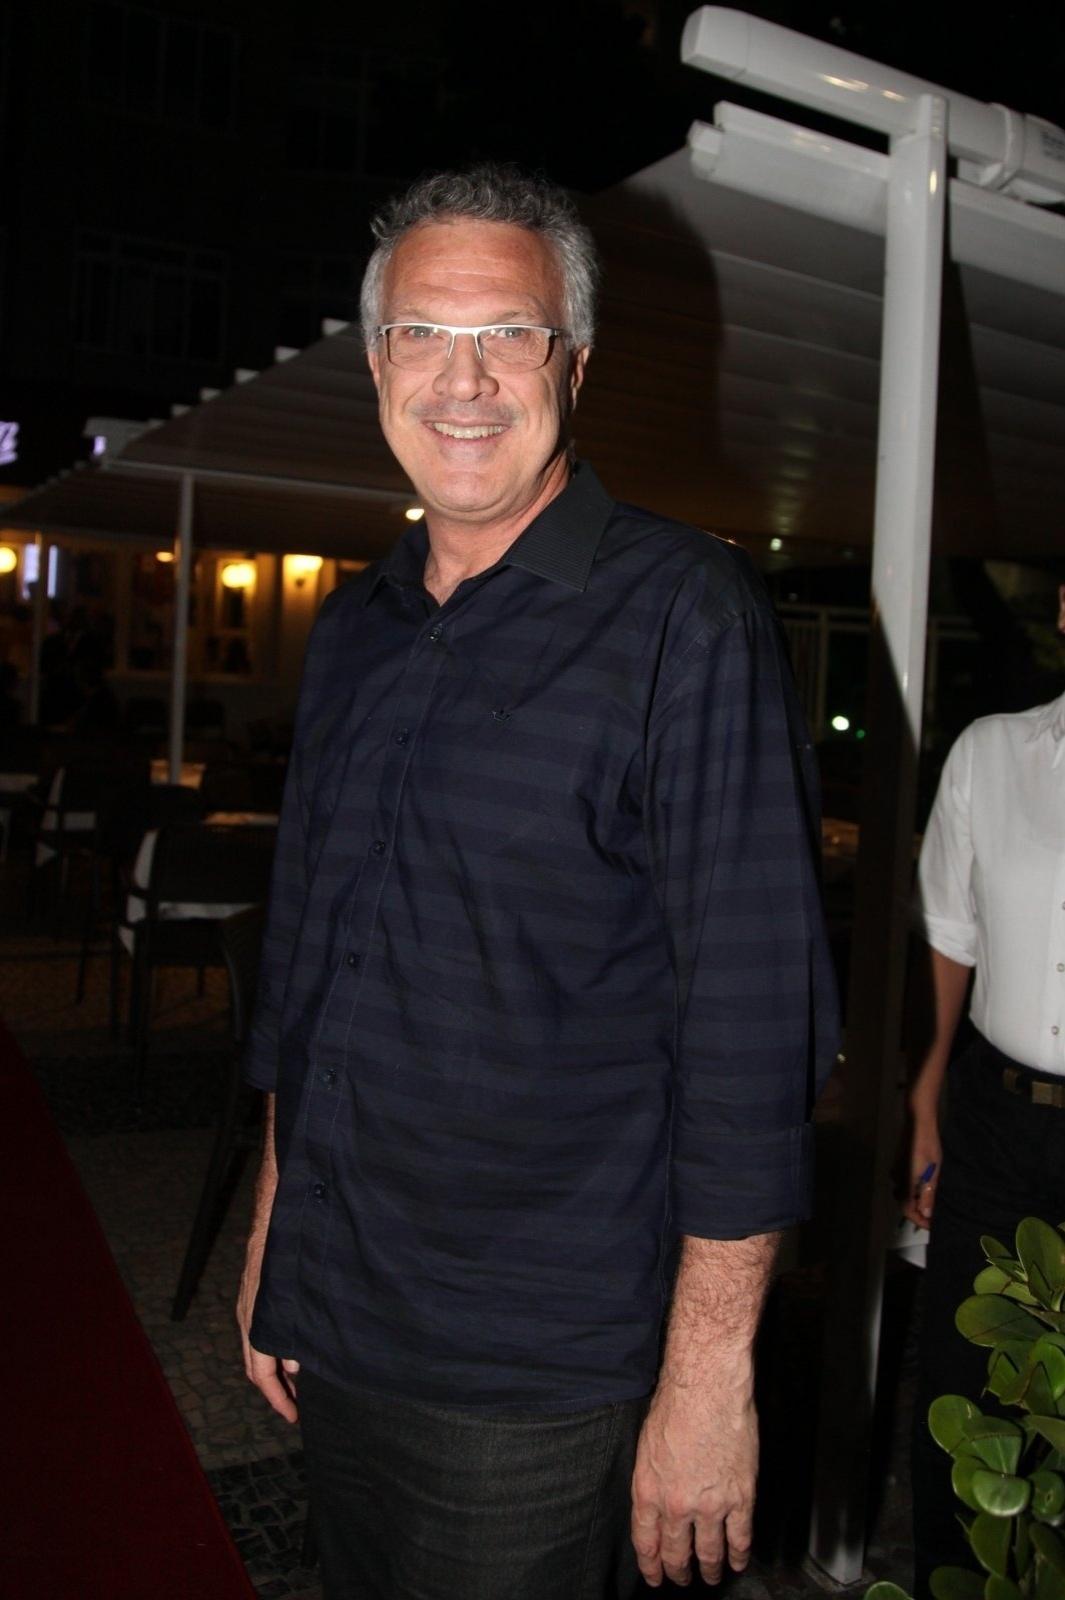 8.dez.2014 - Pedro Bial prestigia a comemoração de 79 anos de Boni que reuniu vários famosos em um restaurante em Copacabana, na zona sul do Rio de Janeiro, nesta segunda-feira